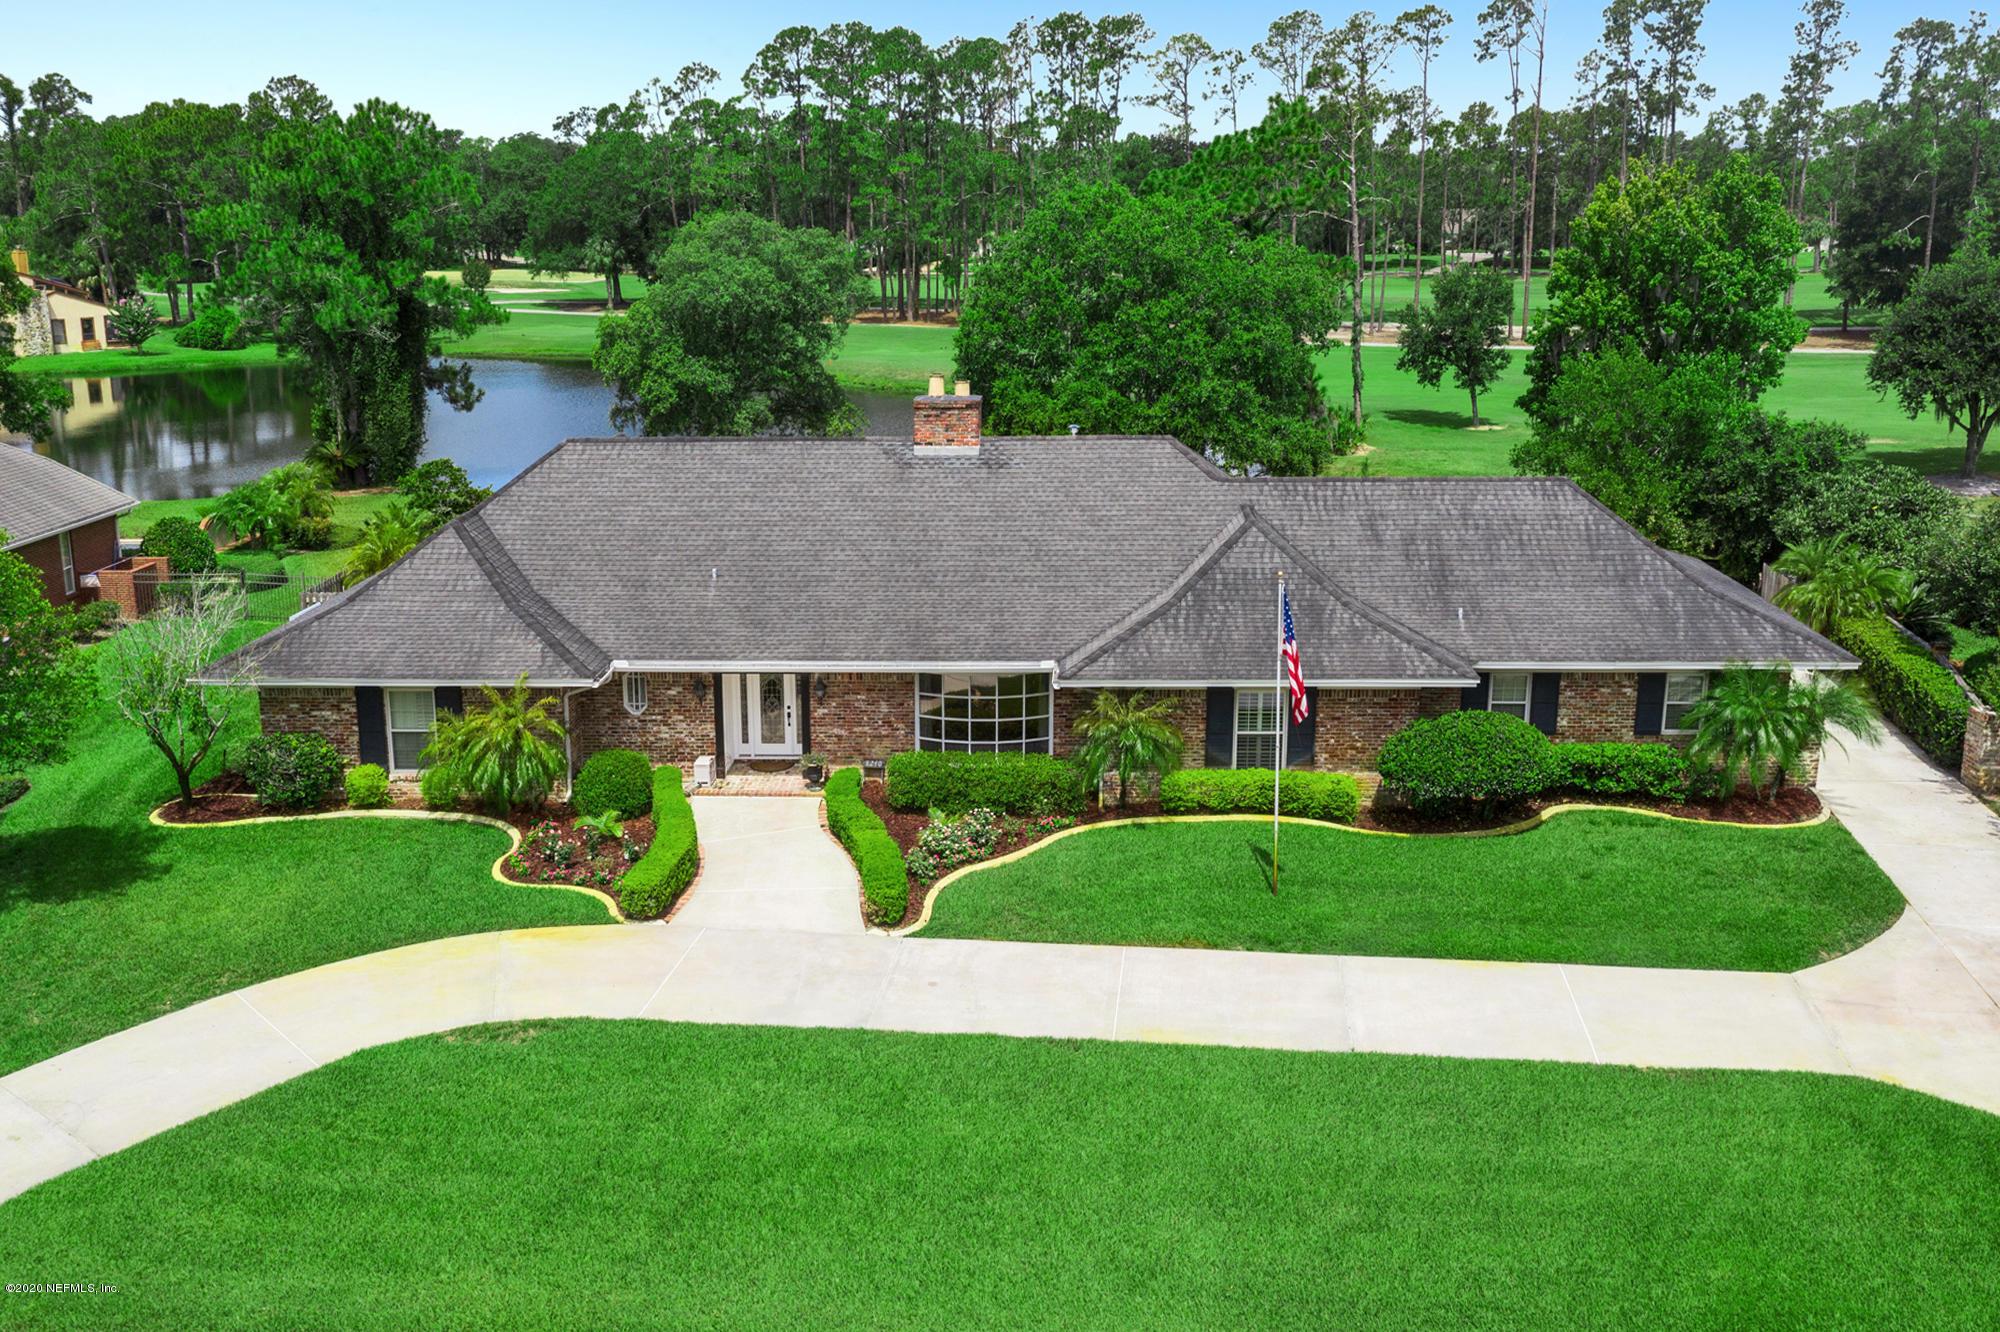 Details for 8240 Hunters Grove Rd, JACKSONVILLE, FL 32256